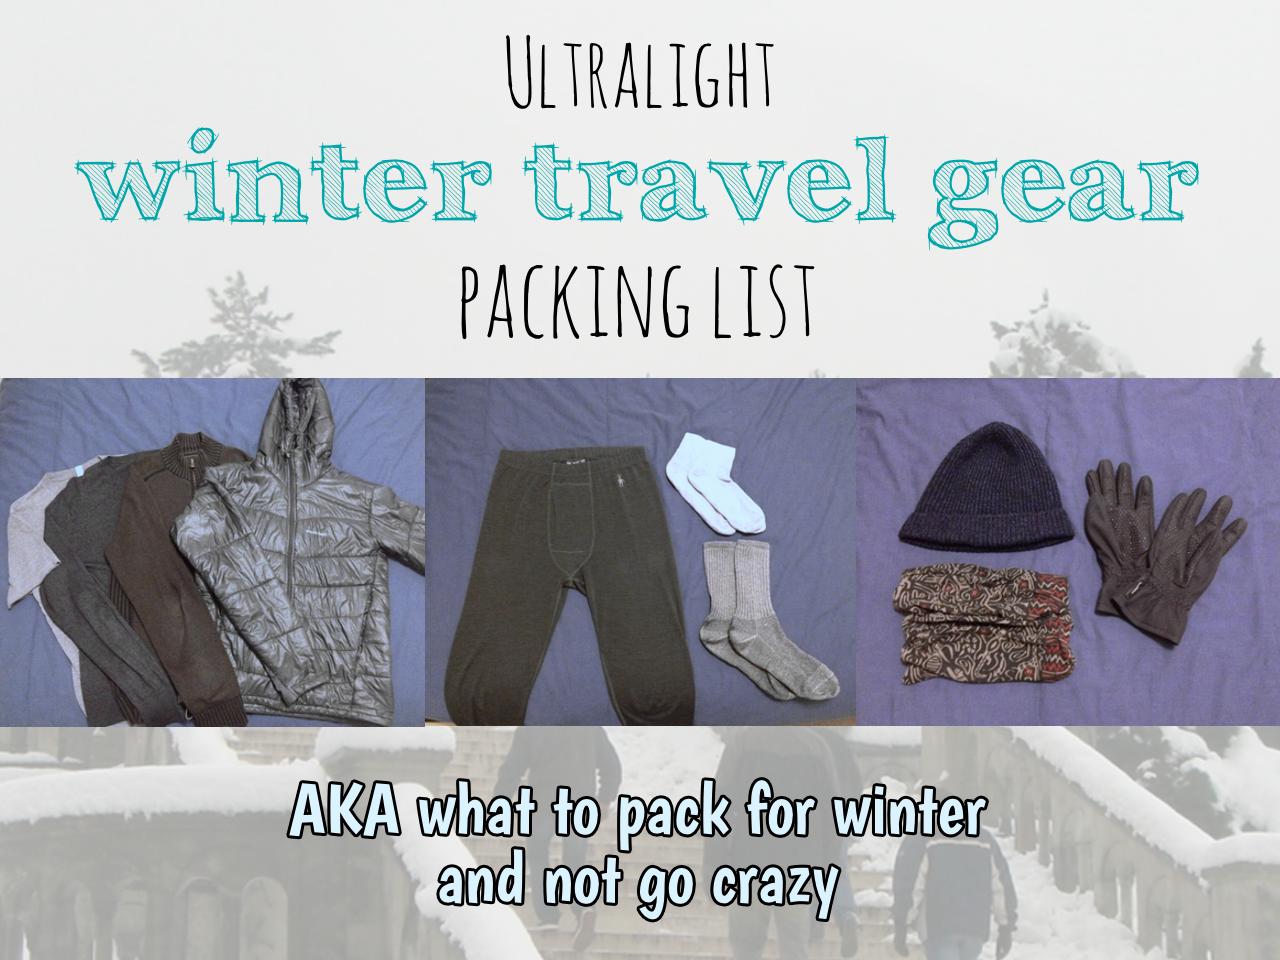 Winter gear packing list